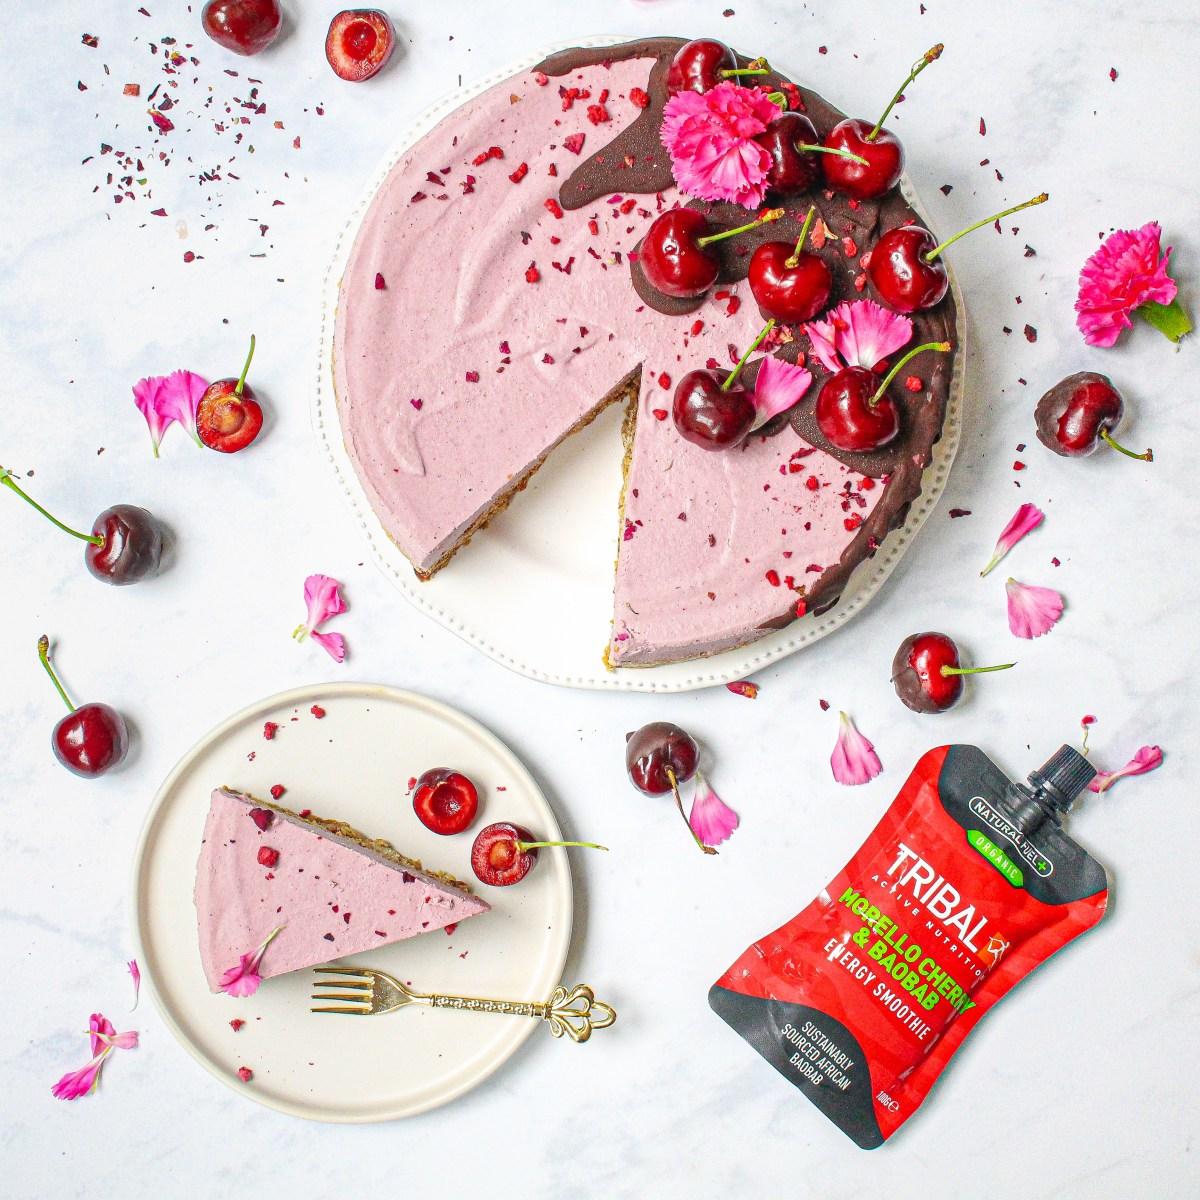 Raw Cherry Chocolate Baobab CheesecakeRaw Cherry Chocolate Baobab Cheesecake